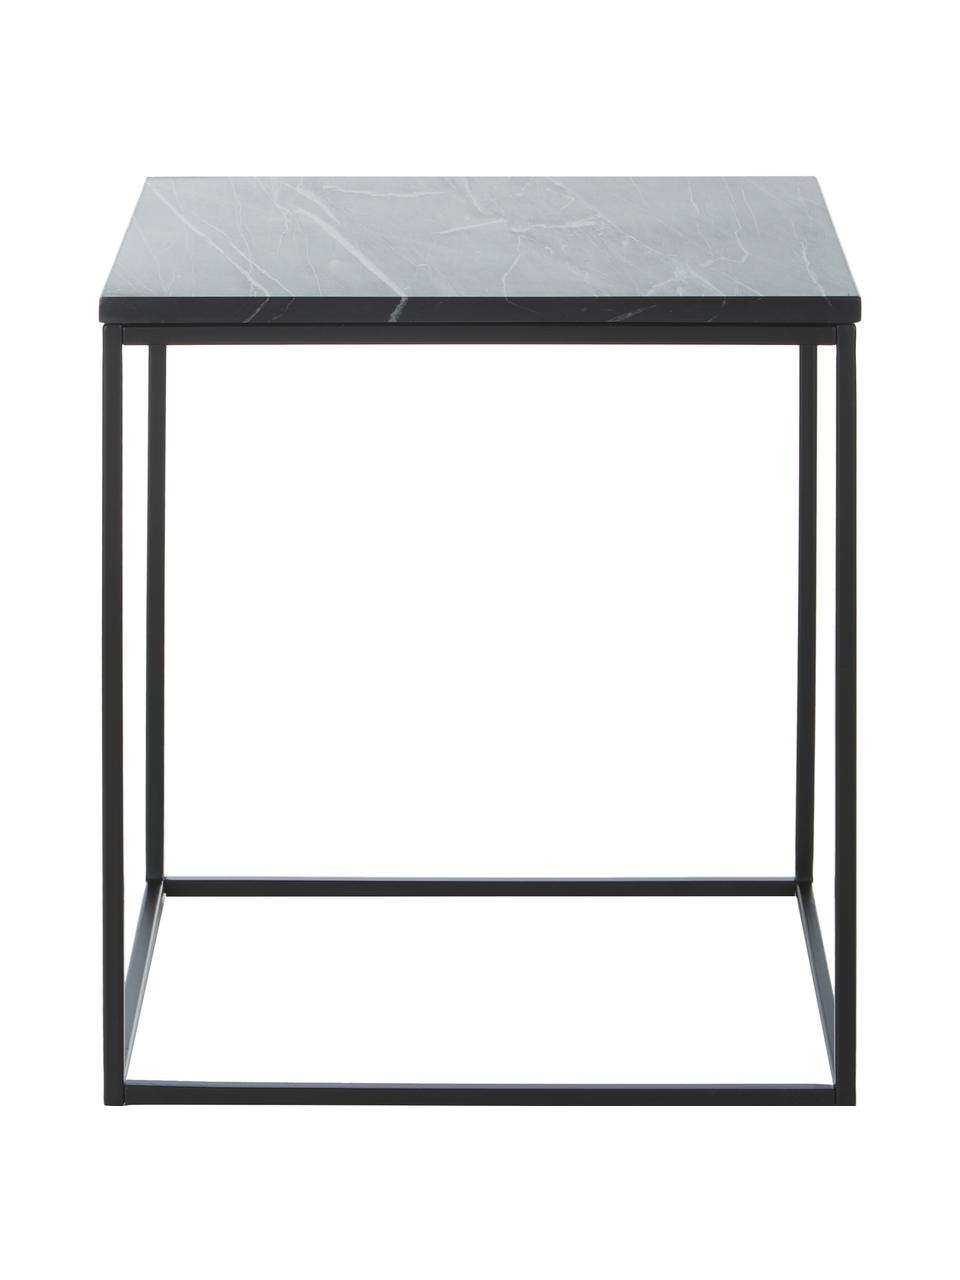 Marmeren bijzettafel Alys, Tafelblad: marmer, Frame: gepoedercoat metaal, Tafelblad: zwart graniet. Frame: mat zwart, 45 x 50 cm